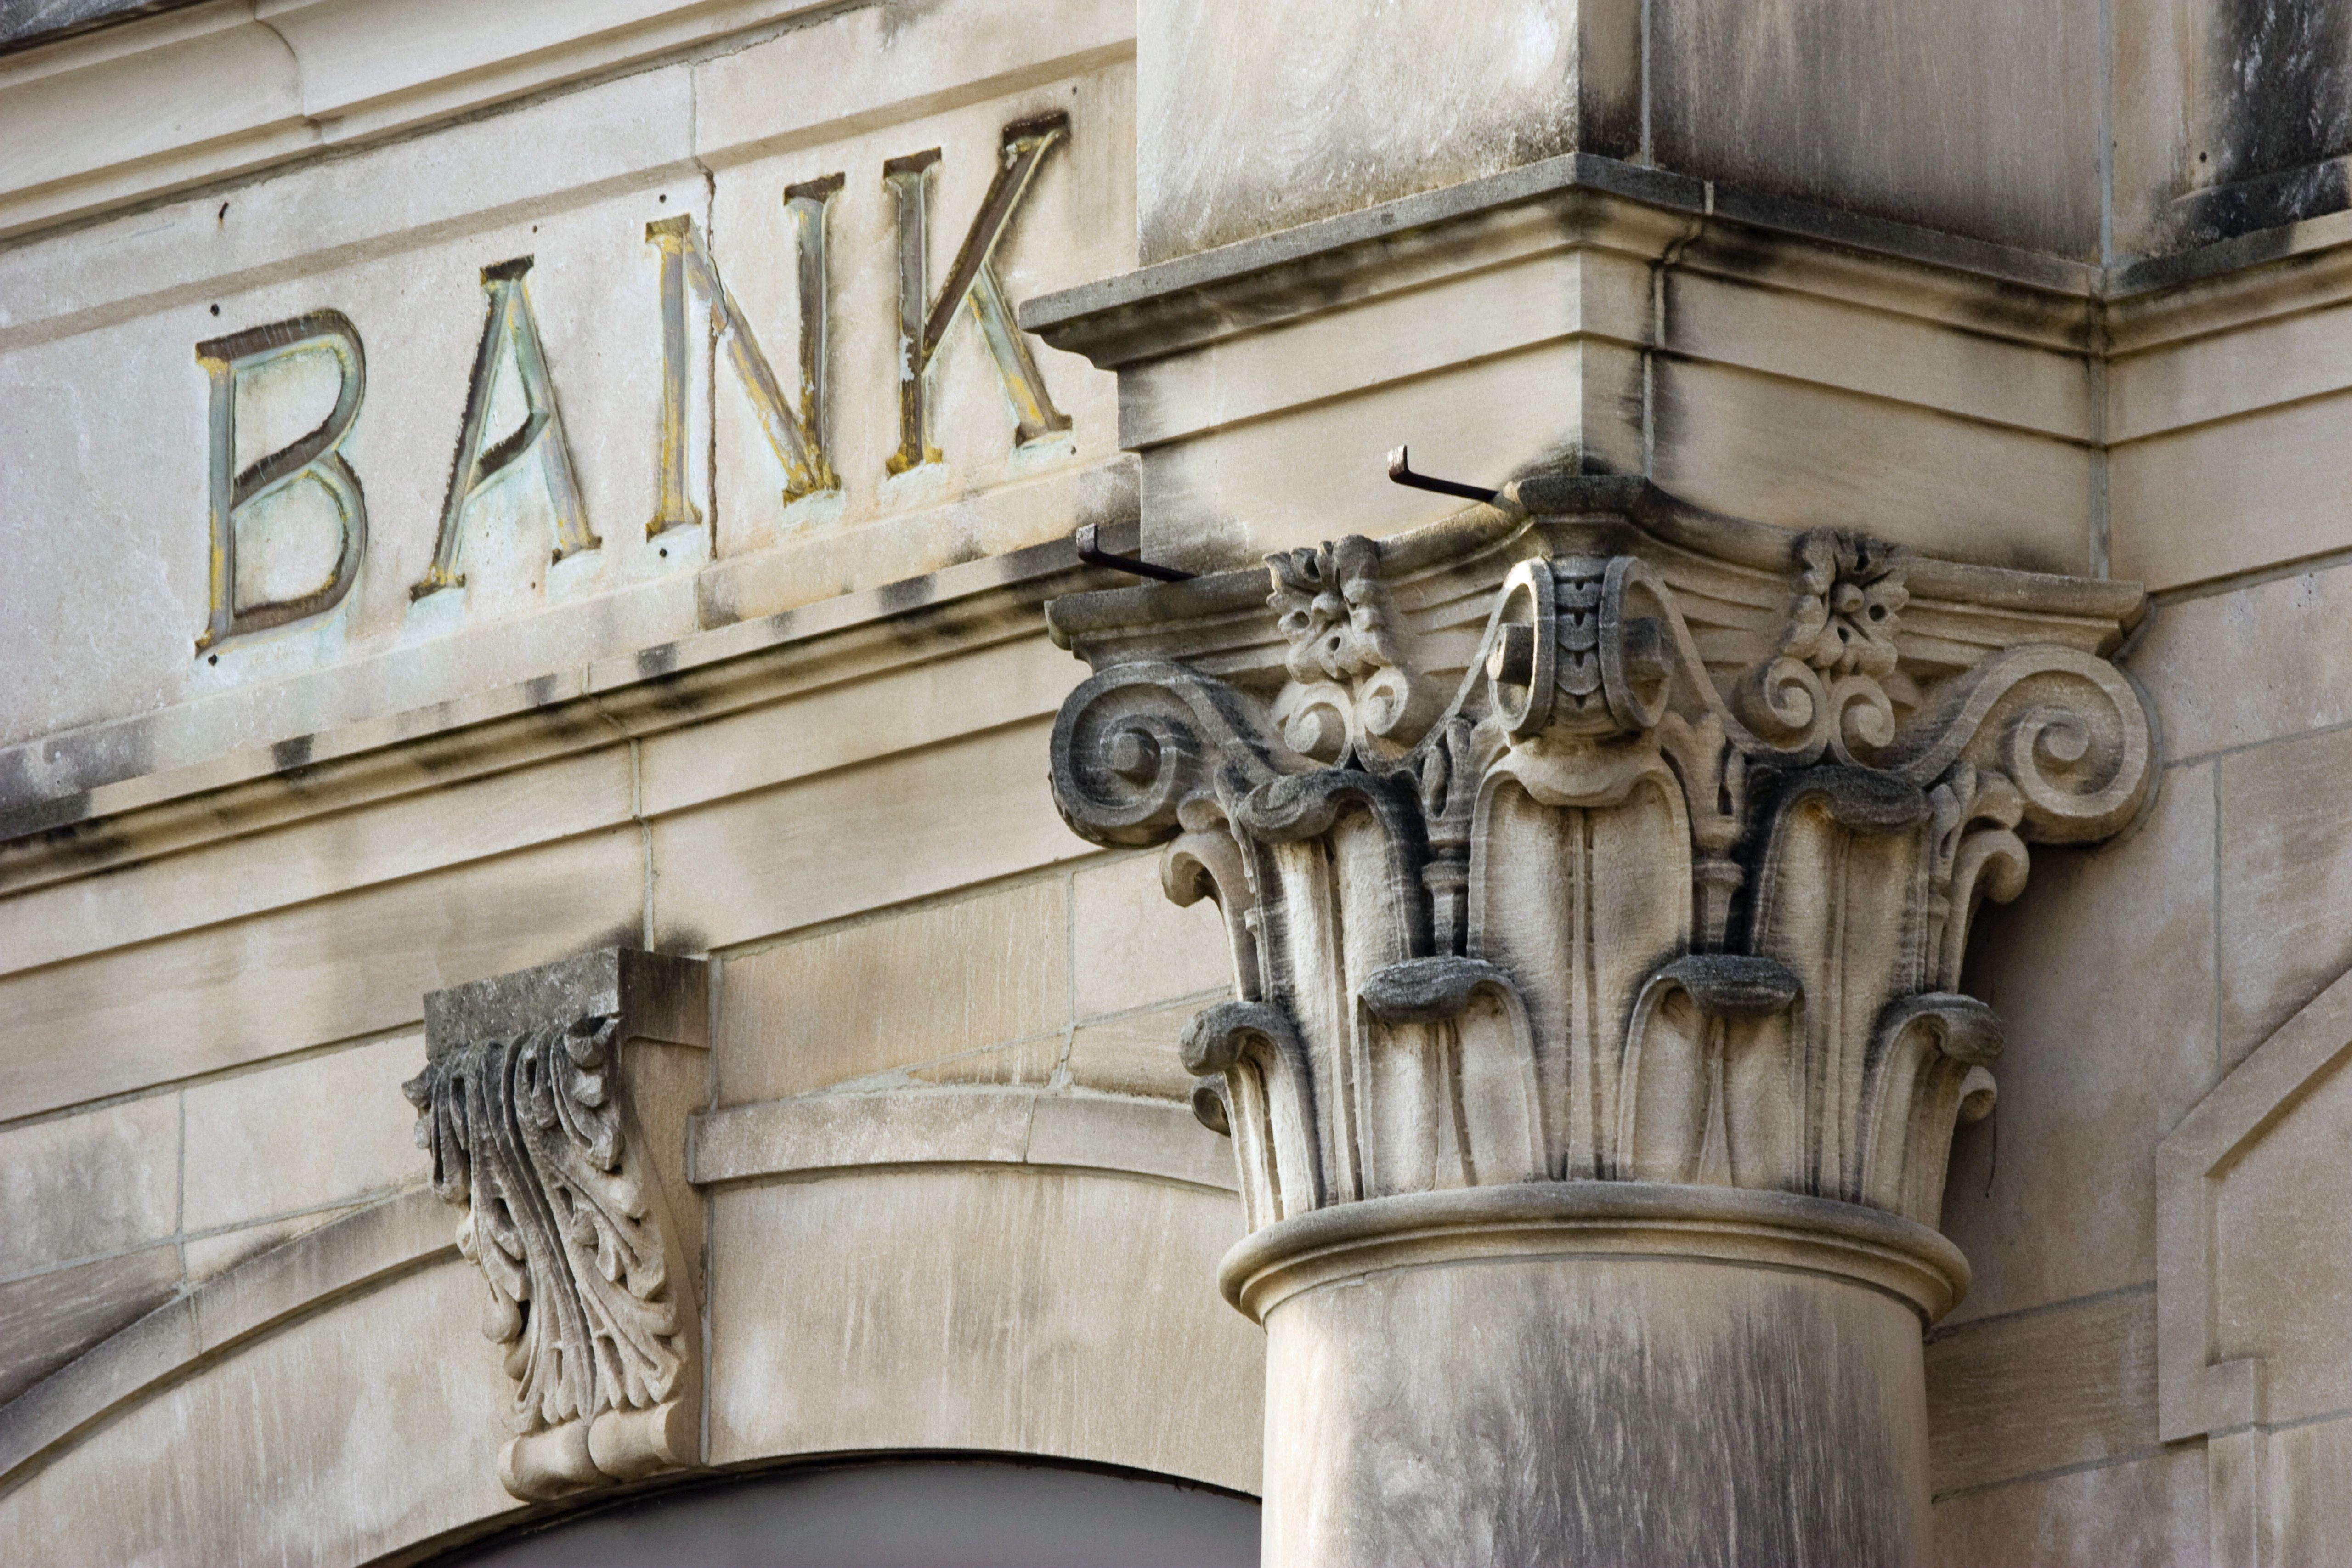 www.investopedia.com: Top 10 Asian American-Owned Banks